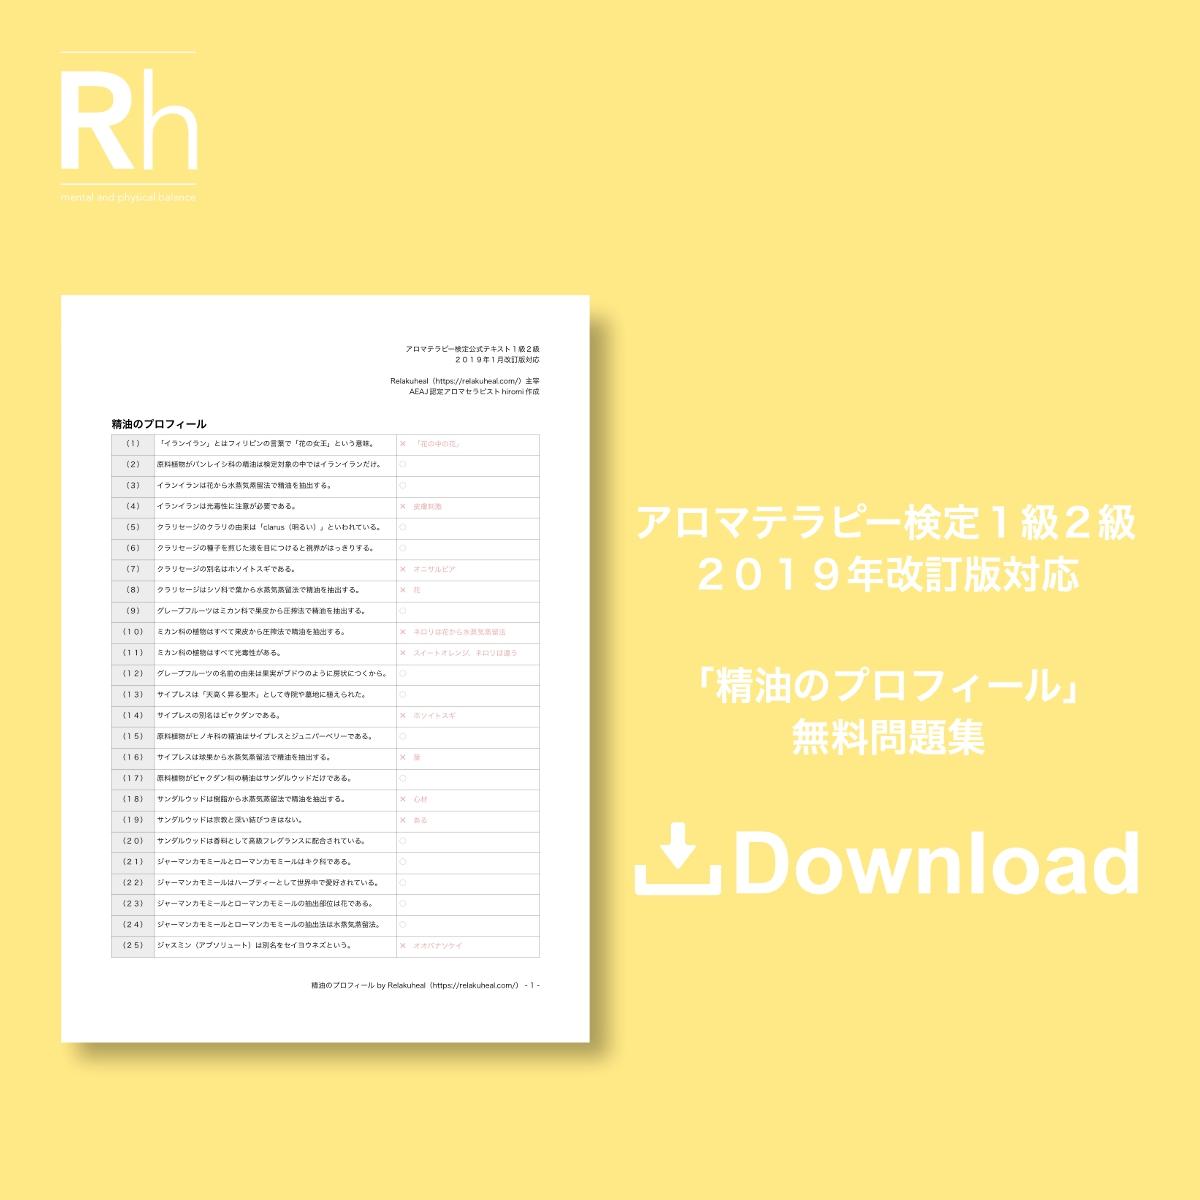 アロマテラピー検定無料問題集2019「精油のプロフィール」をDL!